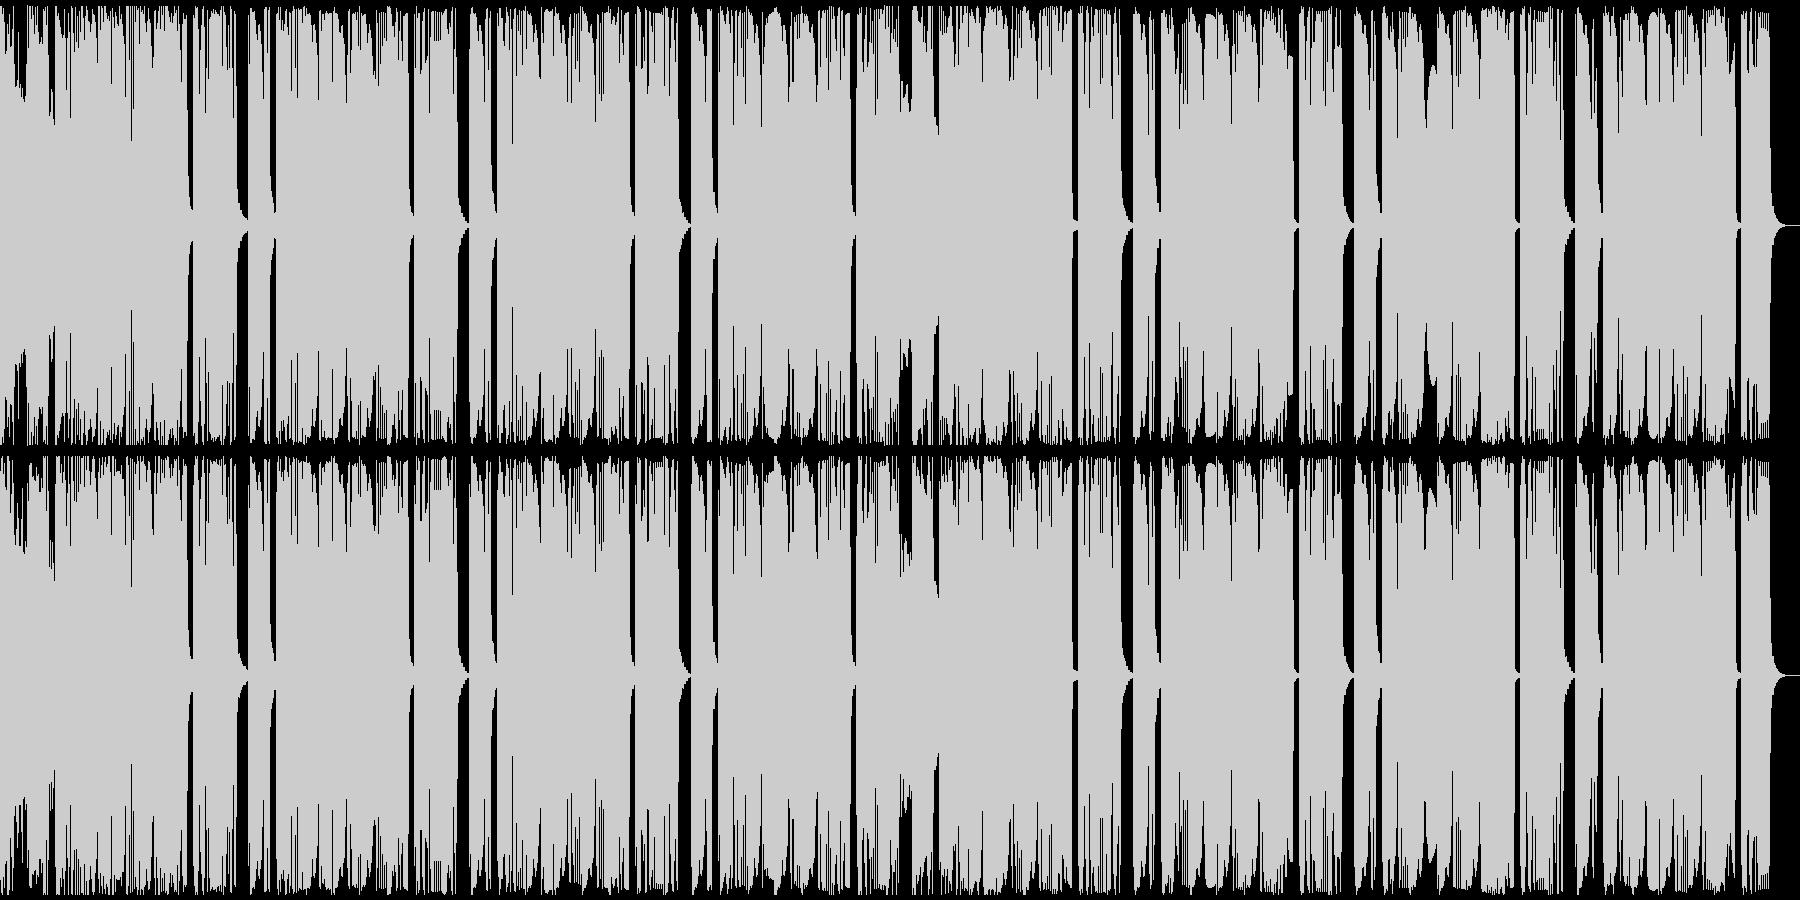 【アンビエント】ロング2、ジングル1の未再生の波形